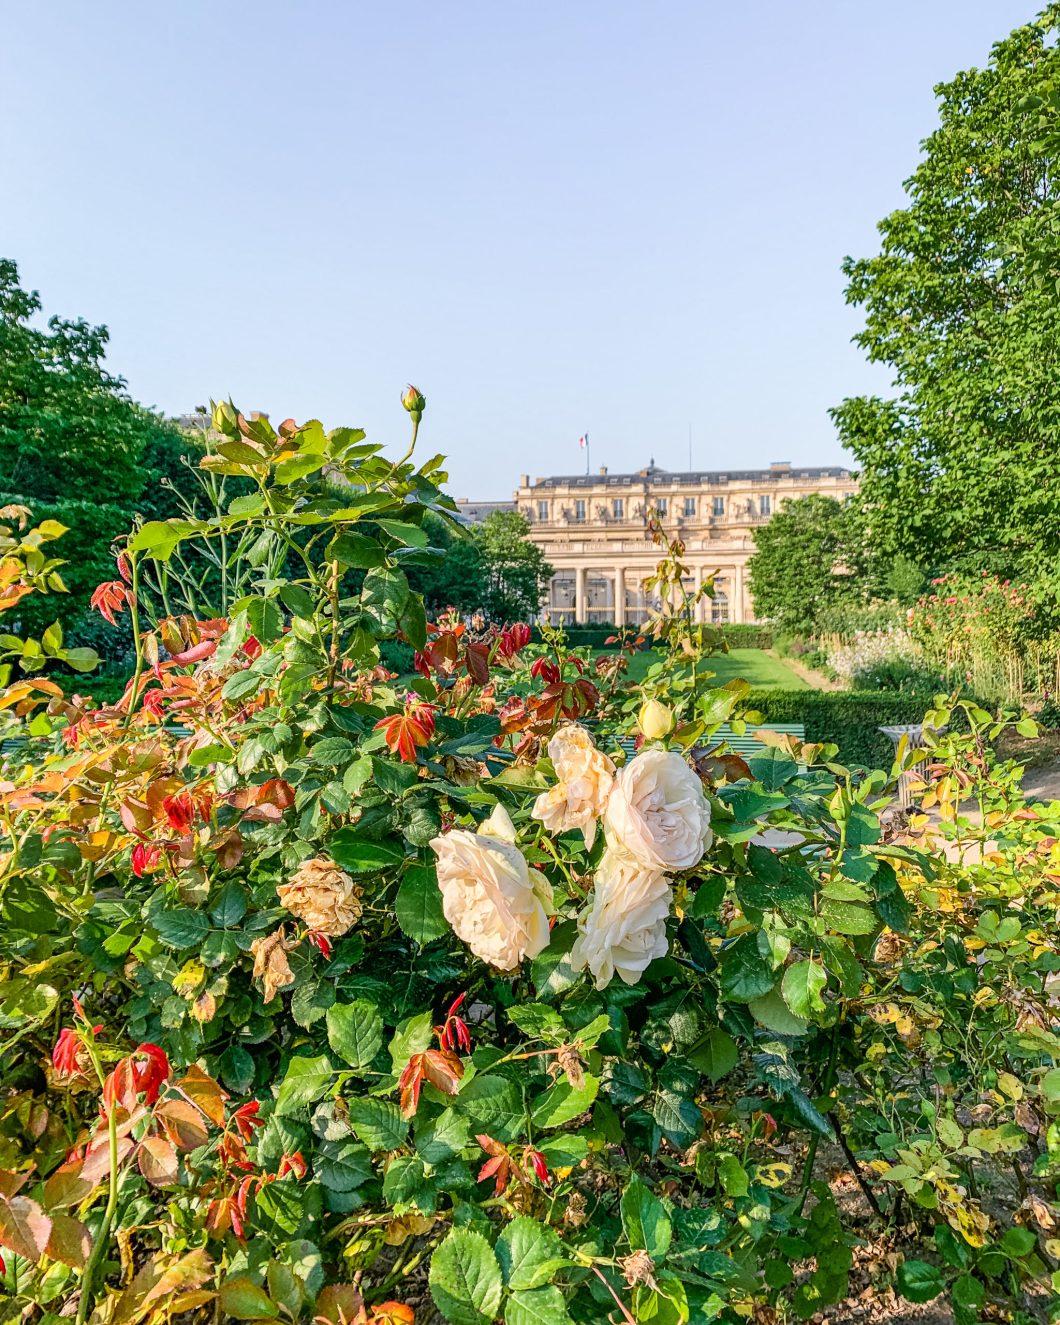 Roses in the garden of the Palais Royal - Paris